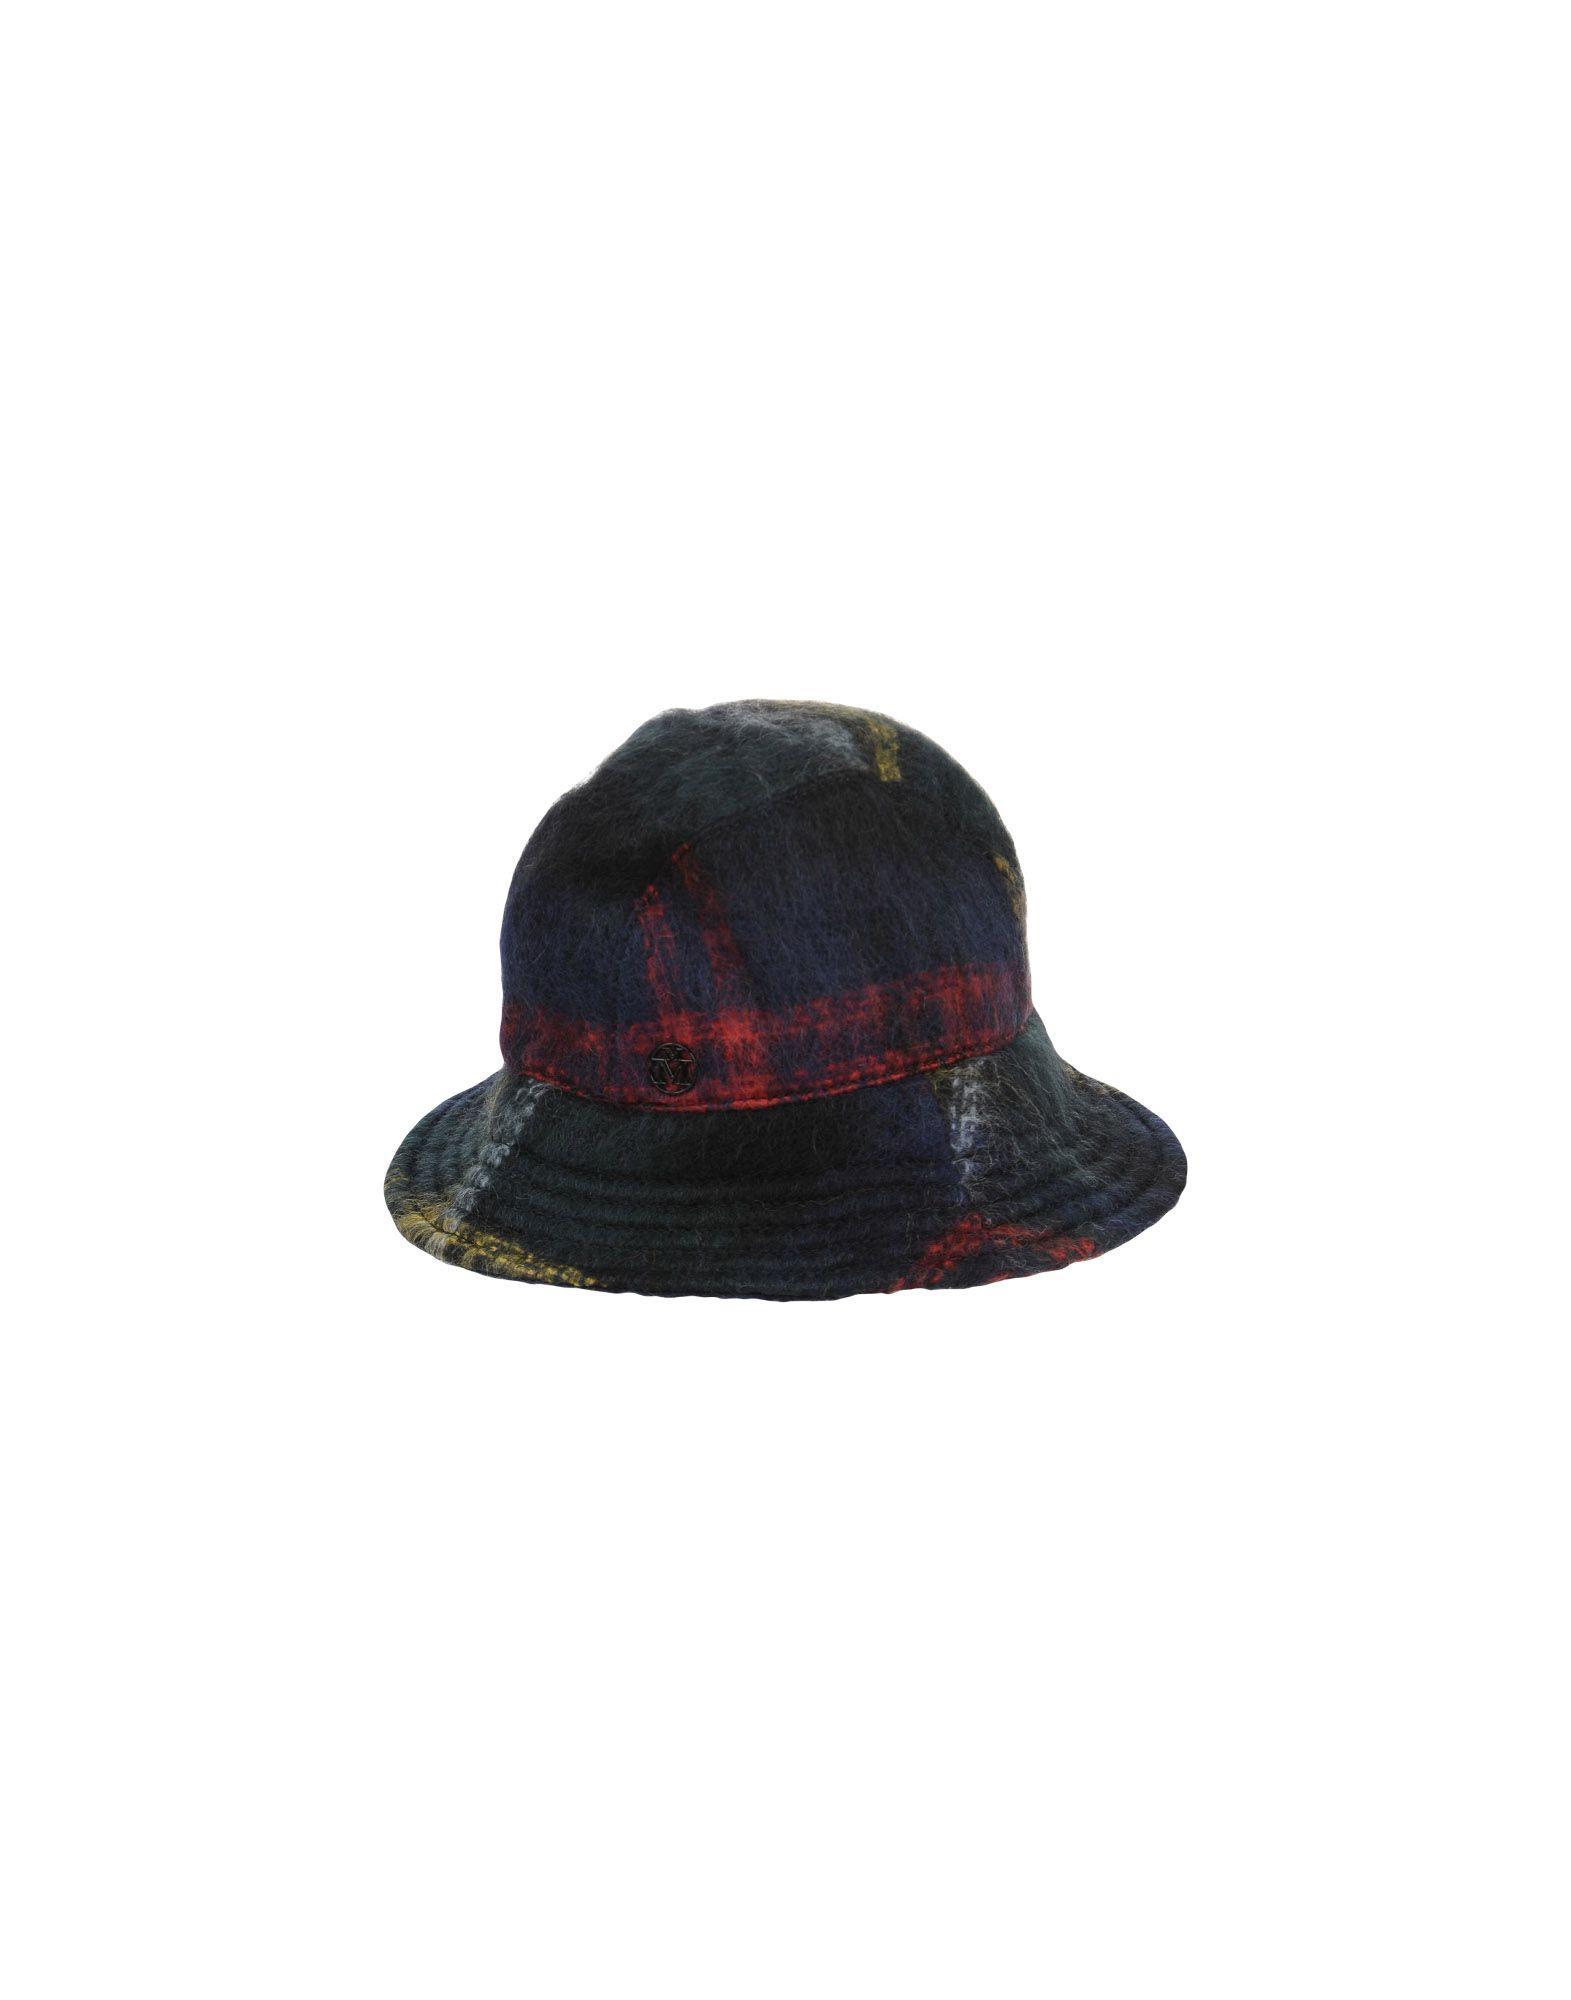 ACCESSORIES - Hats Laur uLK9d6WPN